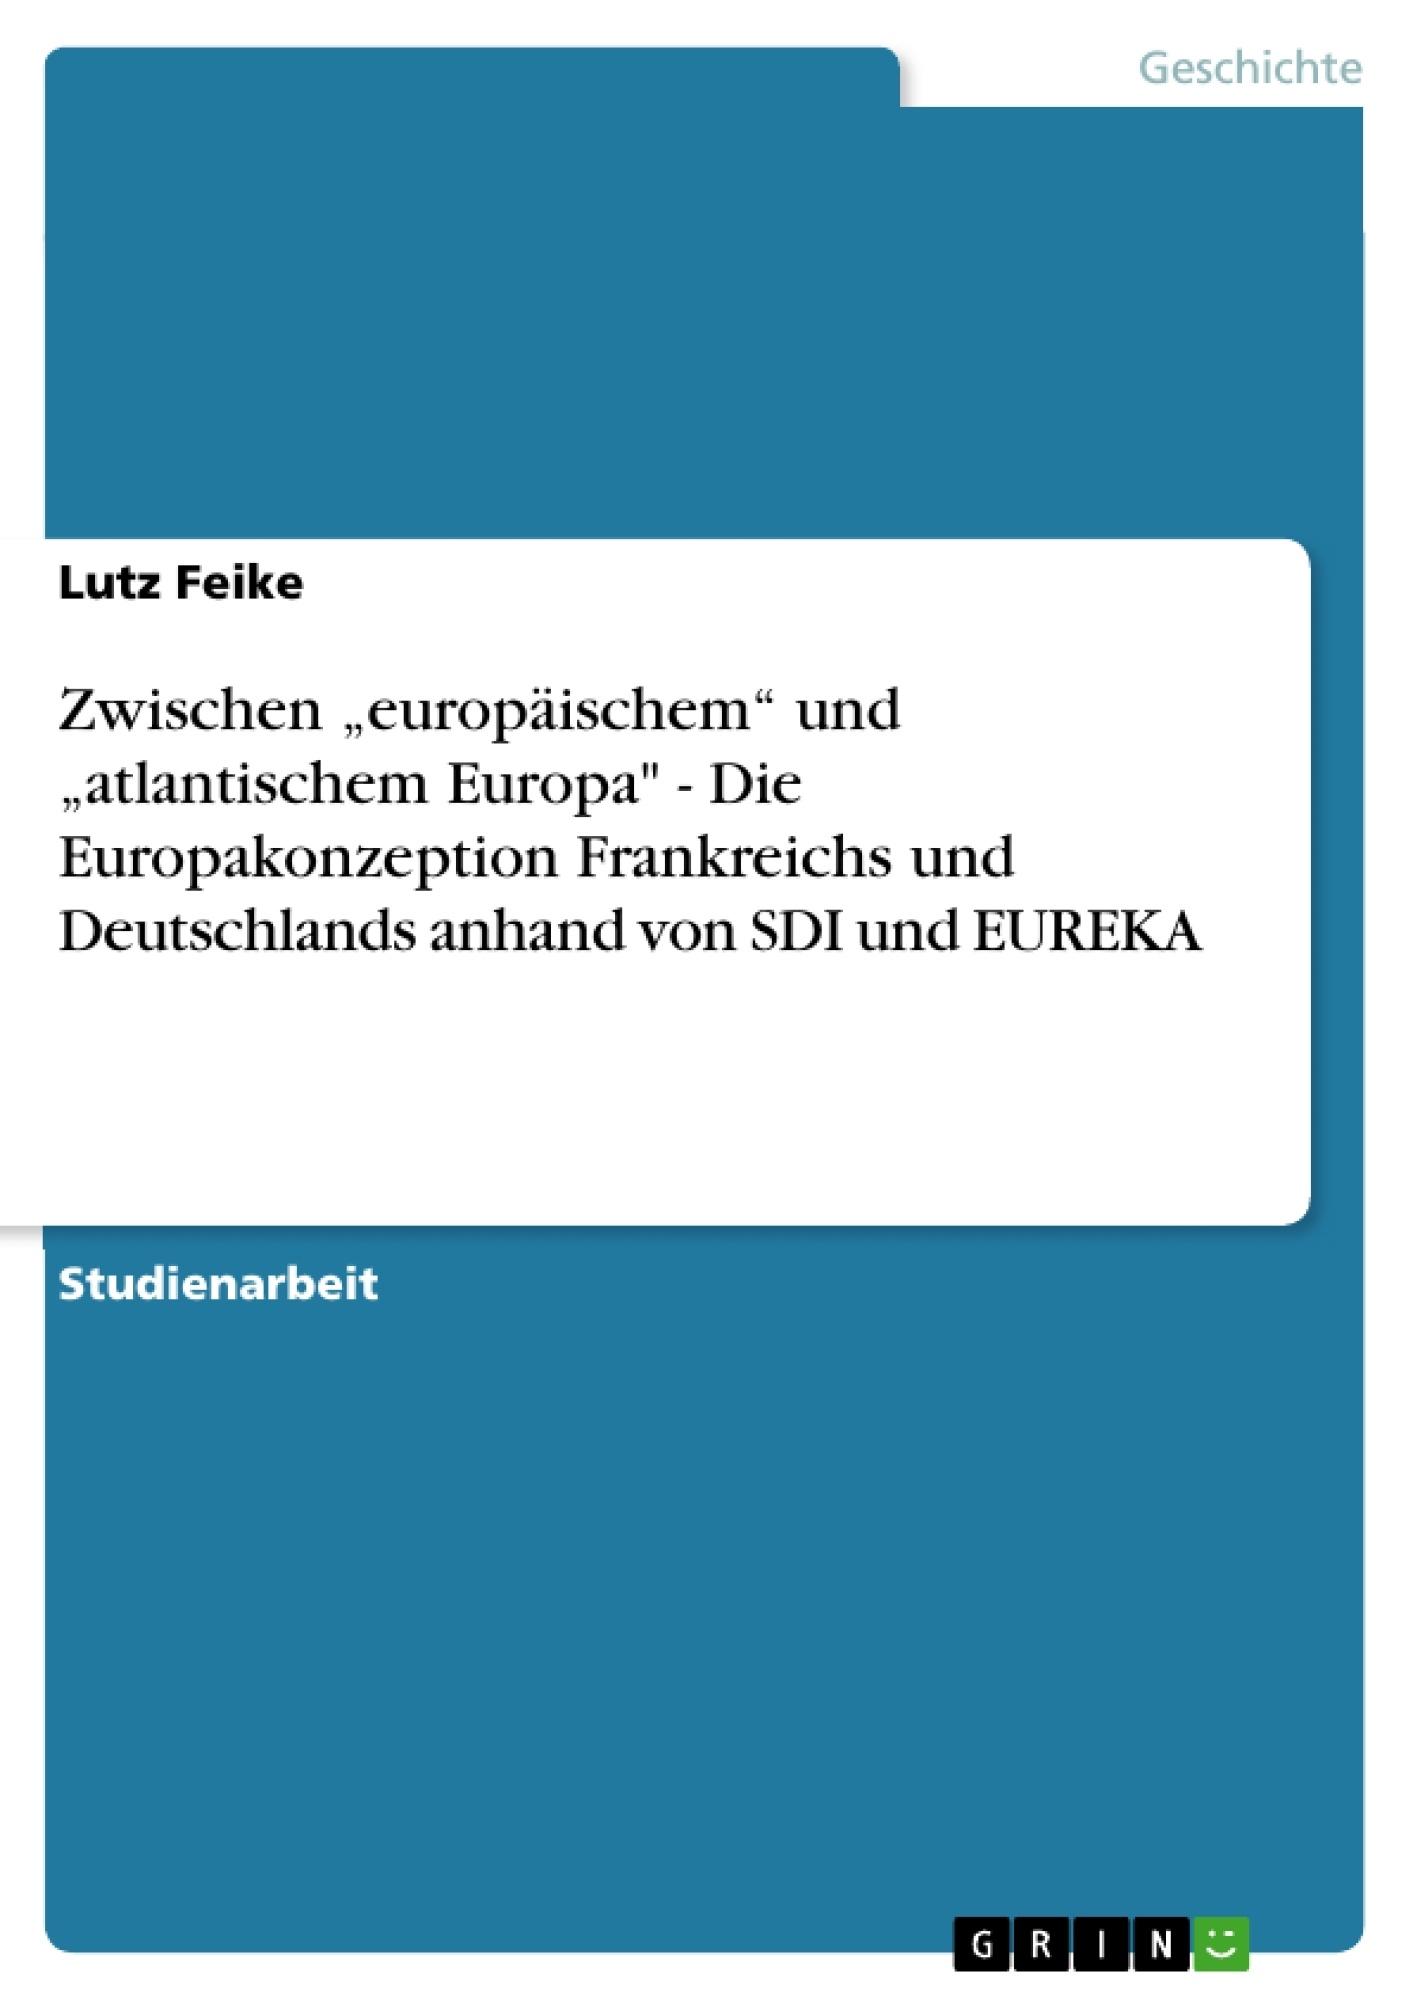 """Titel: Zwischen """"europäischem"""" und """"atlantischem Europa"""" - Die Europakonzeption Frankreichs und Deutschlands  anhand von SDI und EUREKA"""